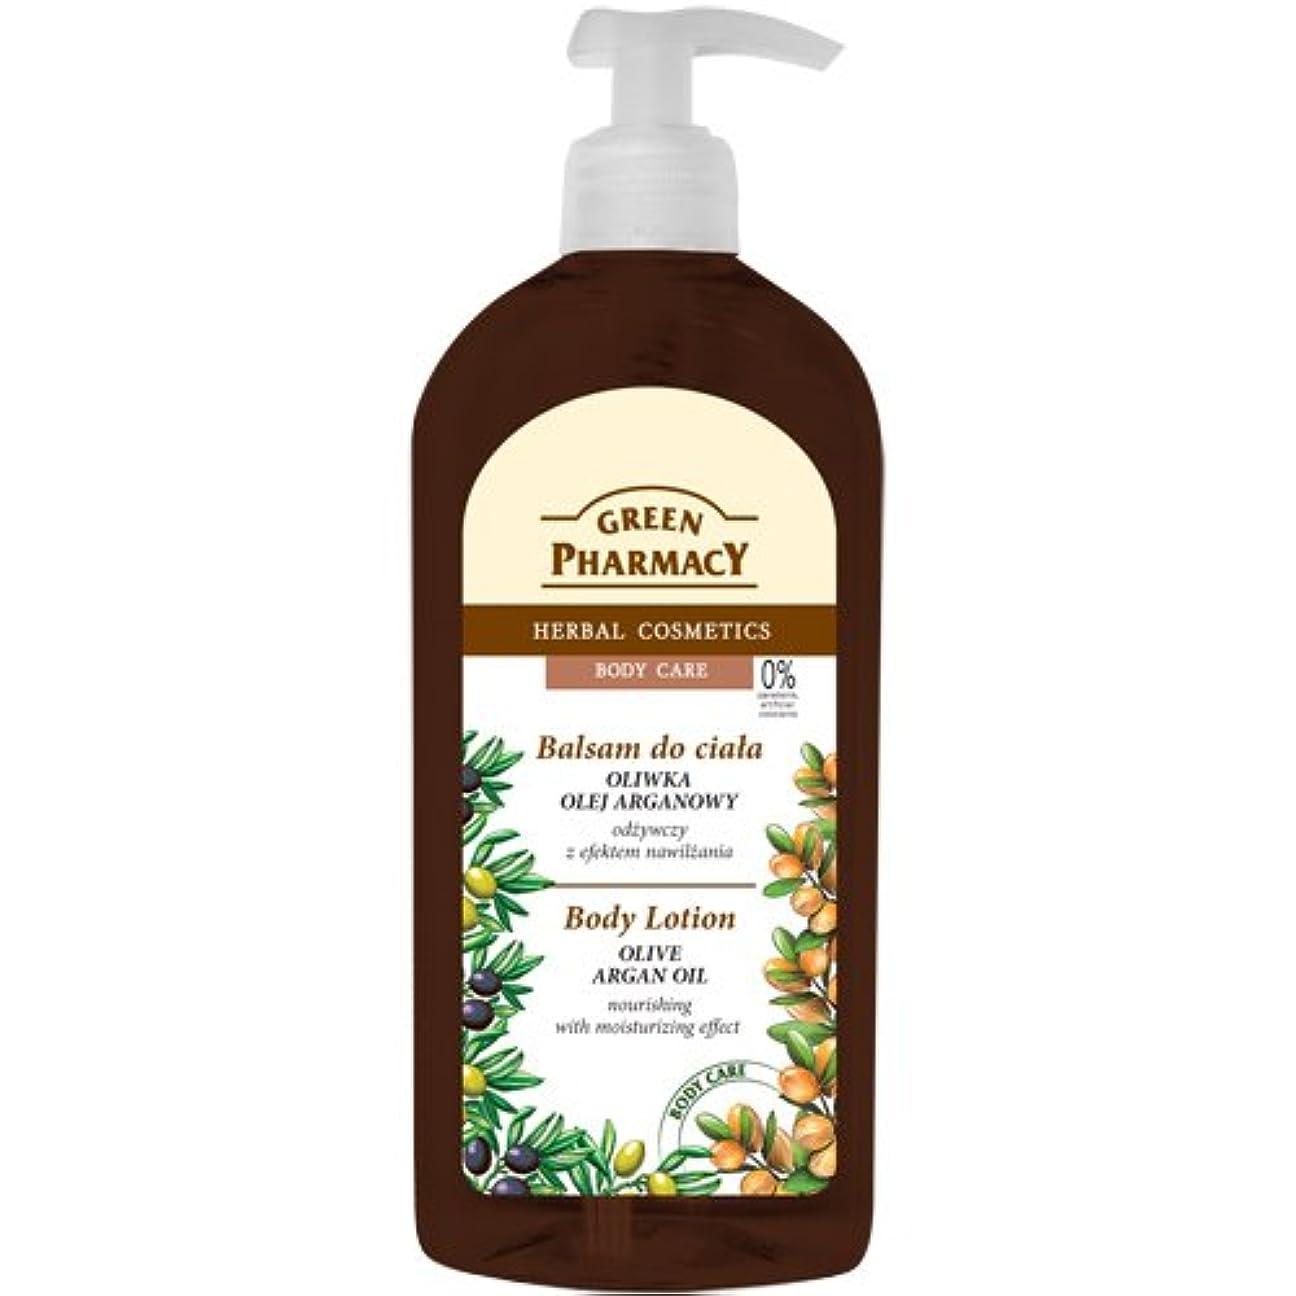 みなすおもてなしジャズElfa Pharm Green Pharmacy グリーンファーマシー Body Lotion ボディローション Olive Argan Oil